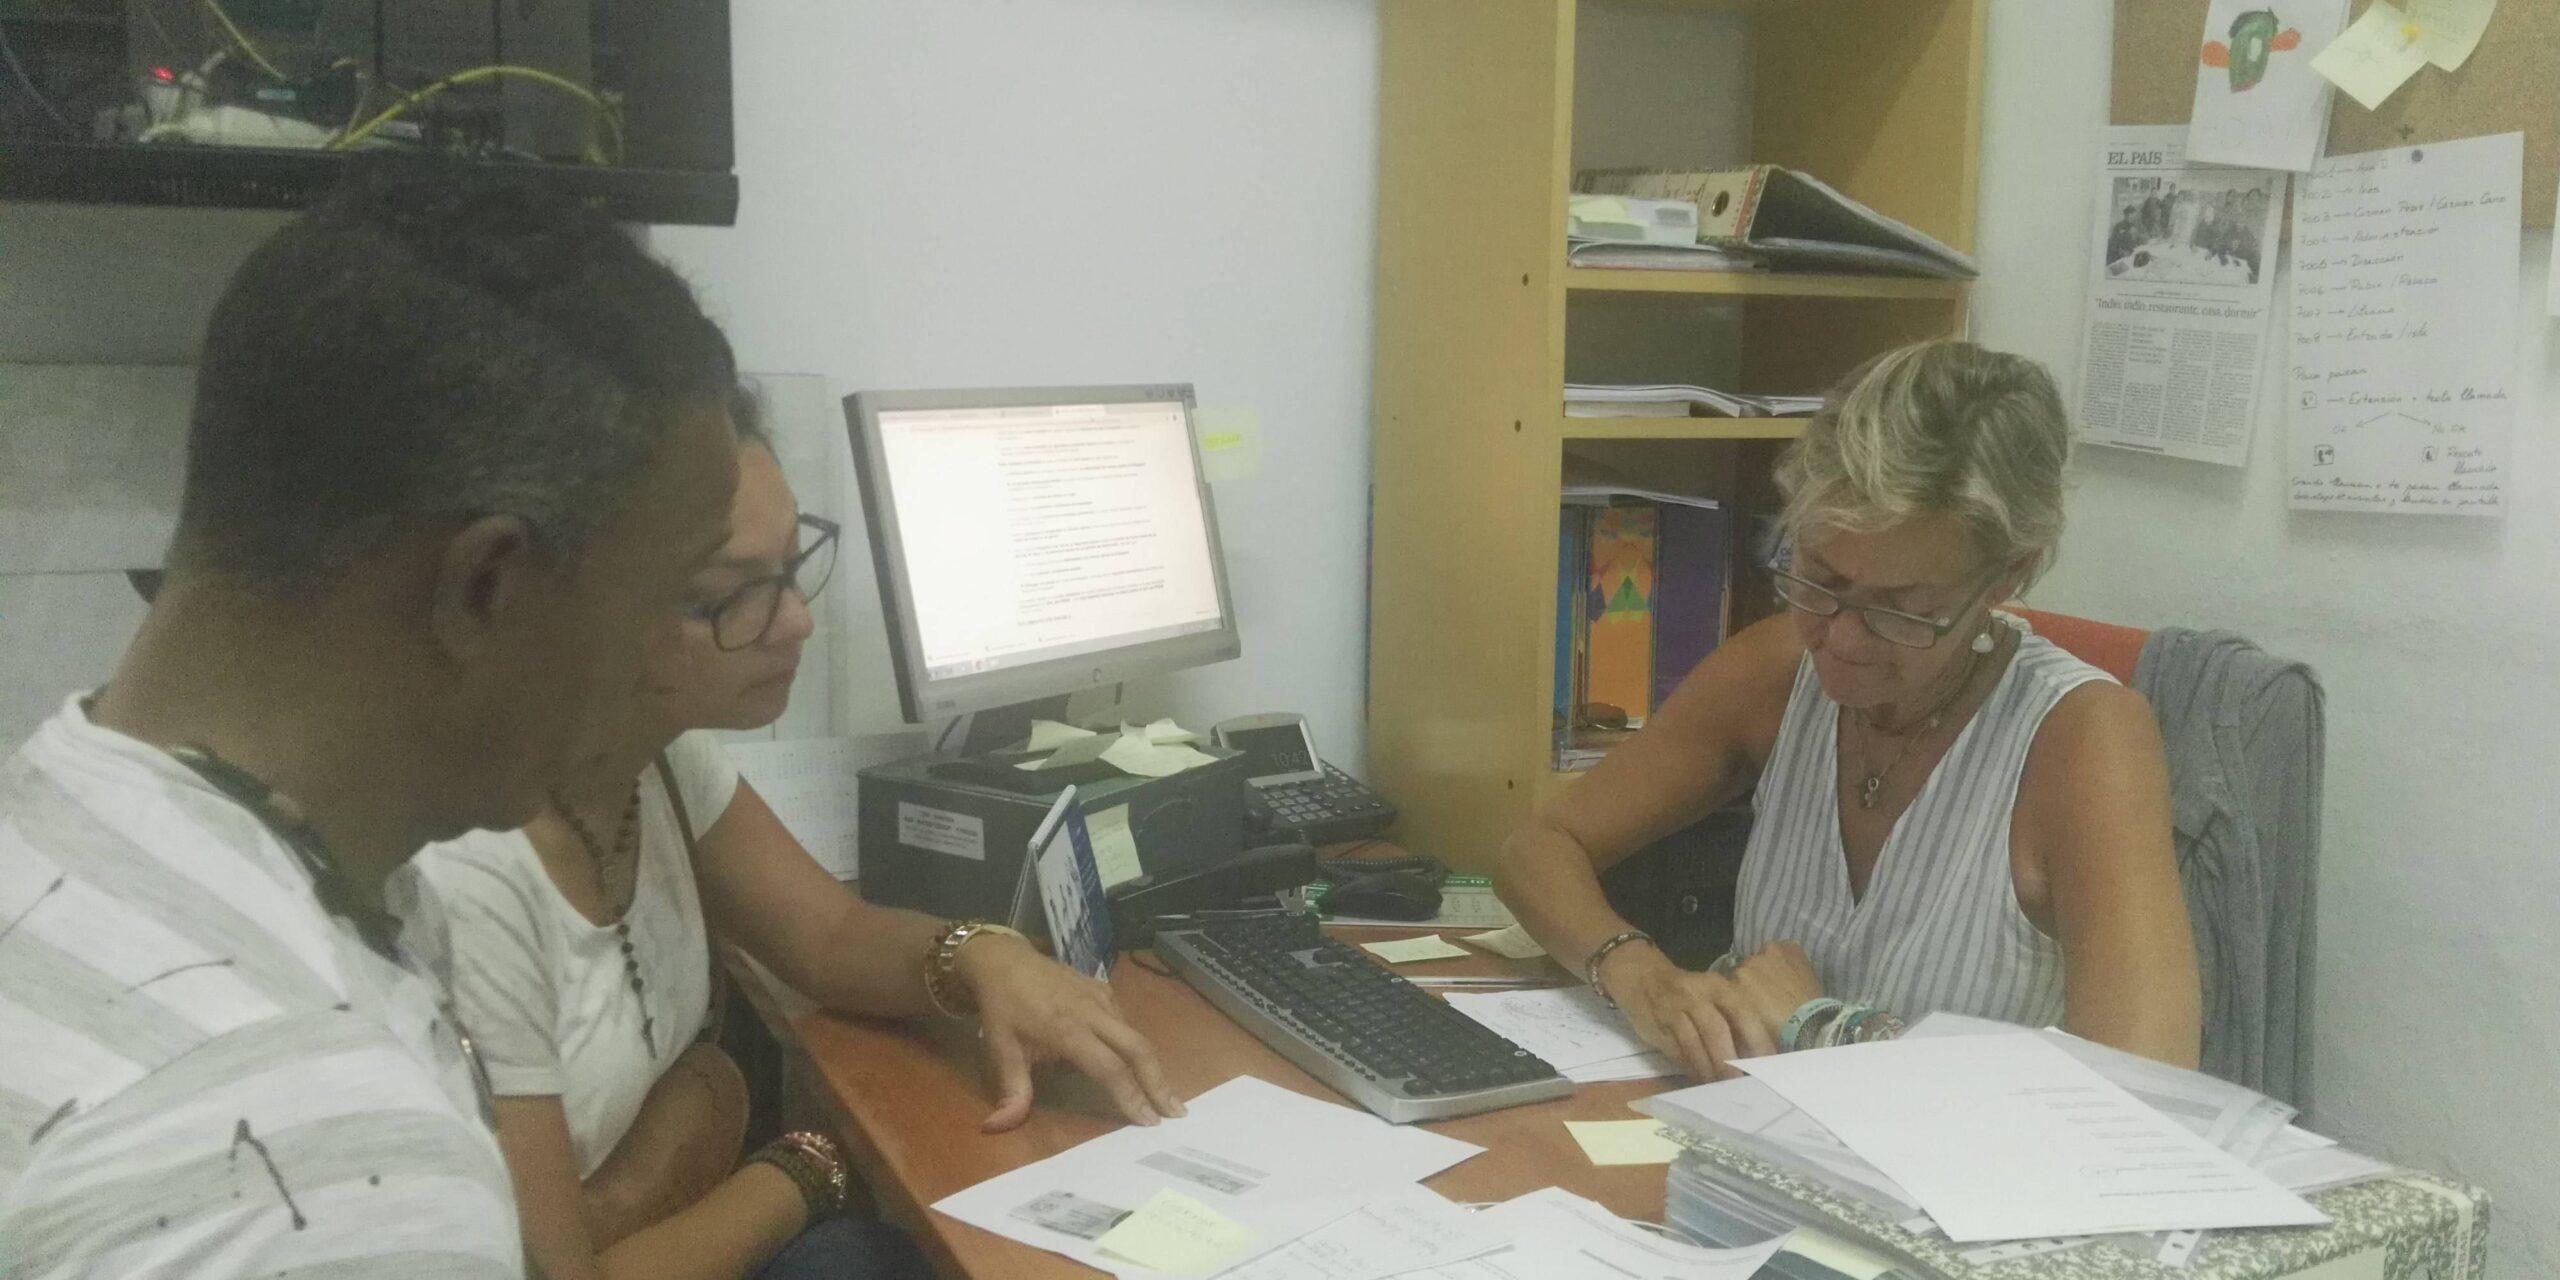 El equipo jurídico atendió a 448 personas en los primeros seis meses del convenio con el Ayuntamiento de Málaga